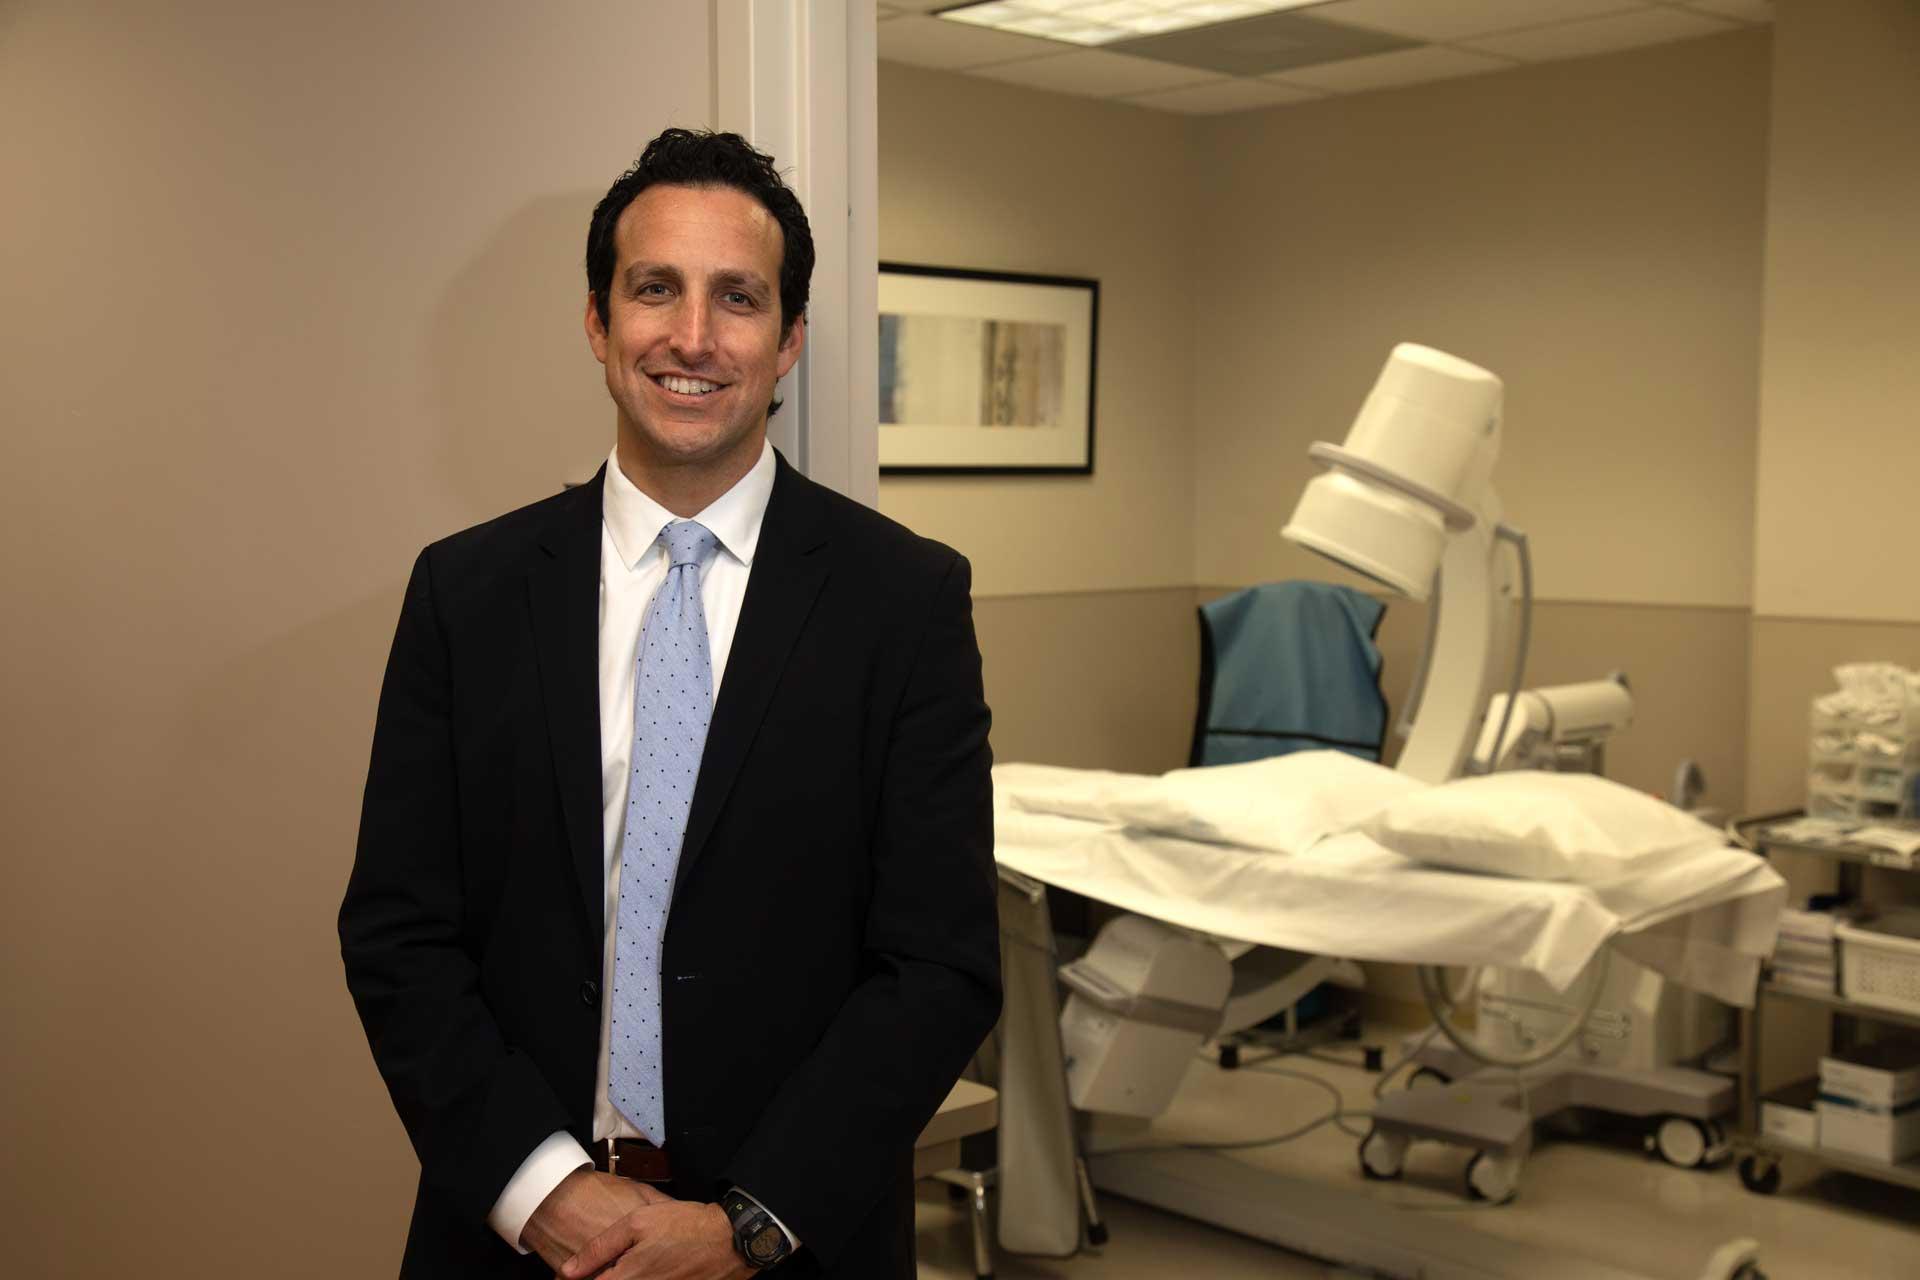 NJ Spine Dr. Gerstman